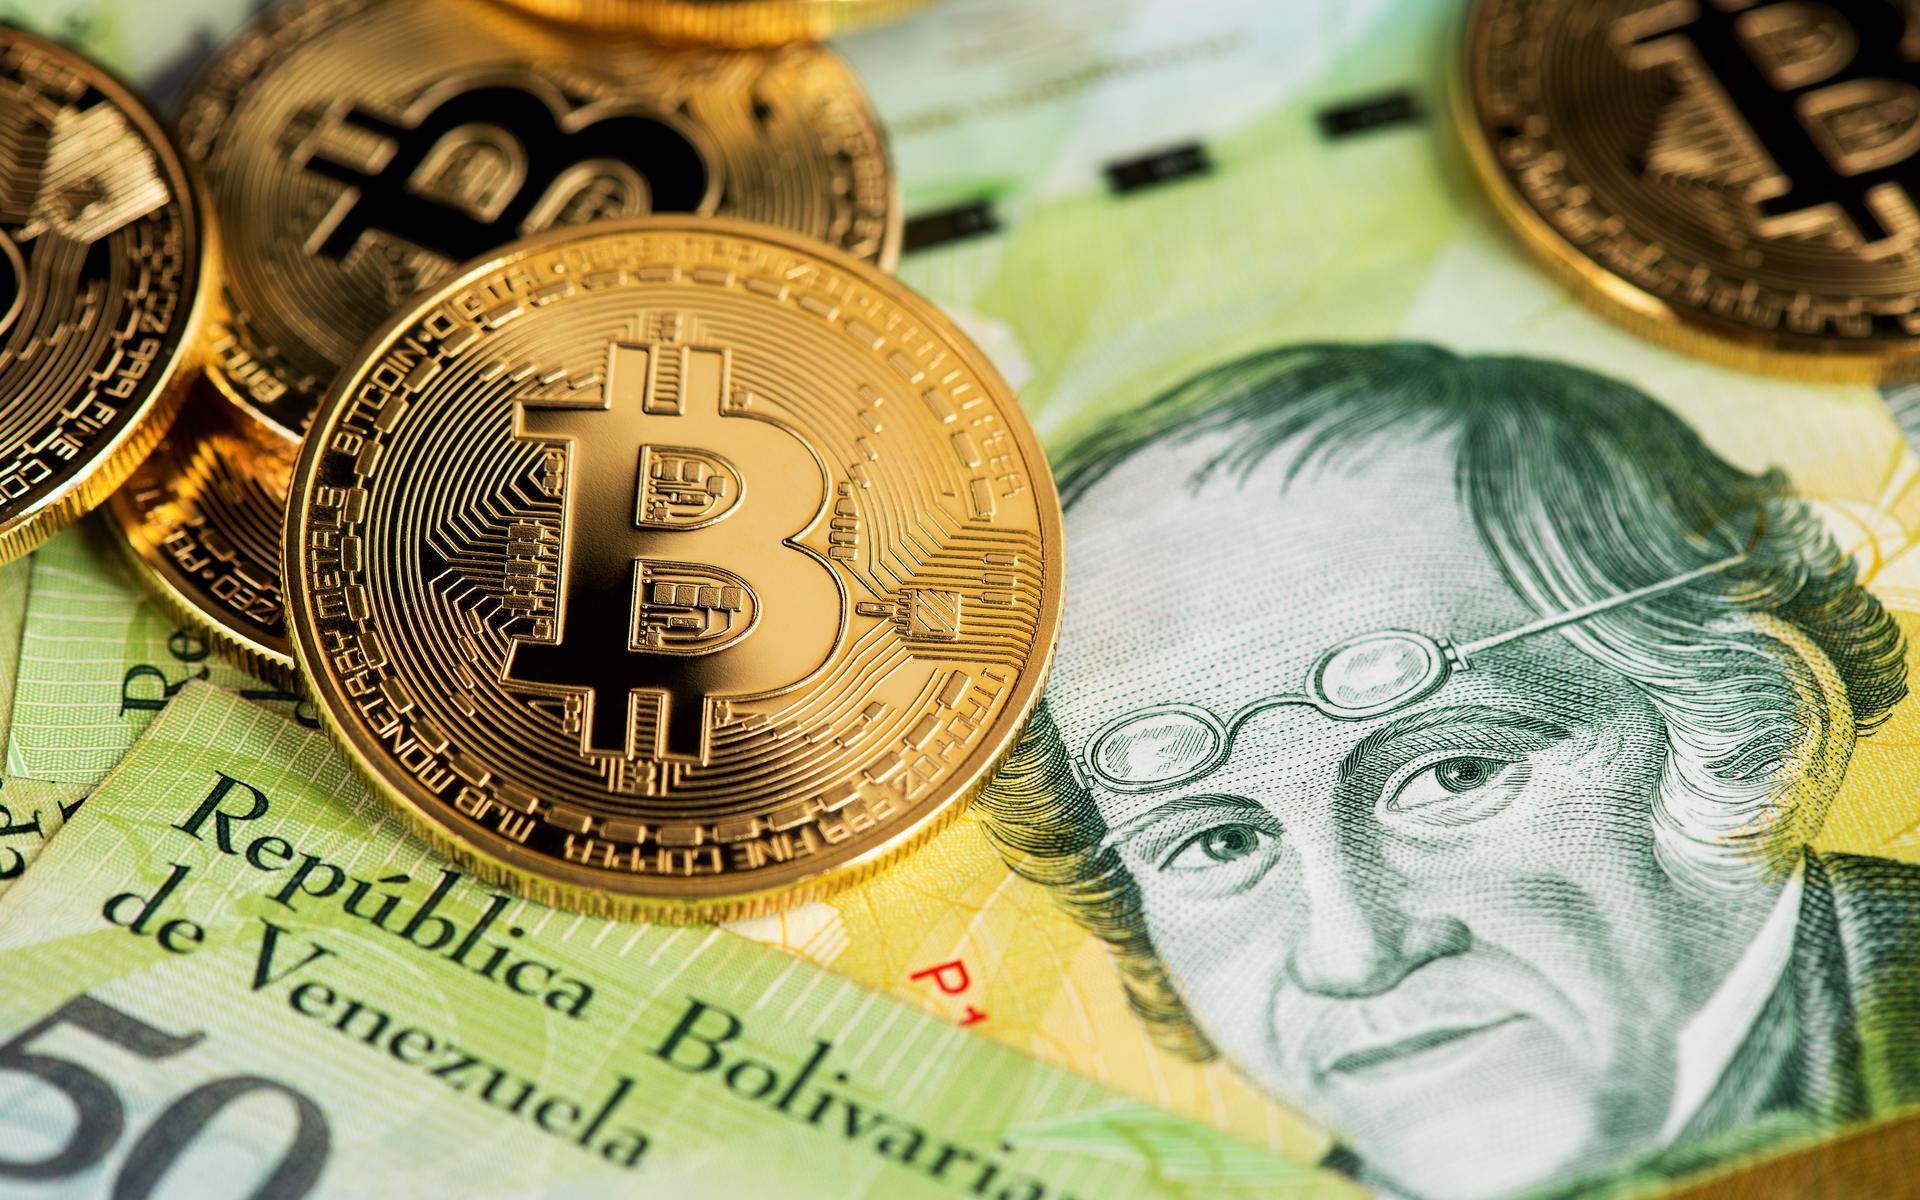 Bitcoin better than bolivar